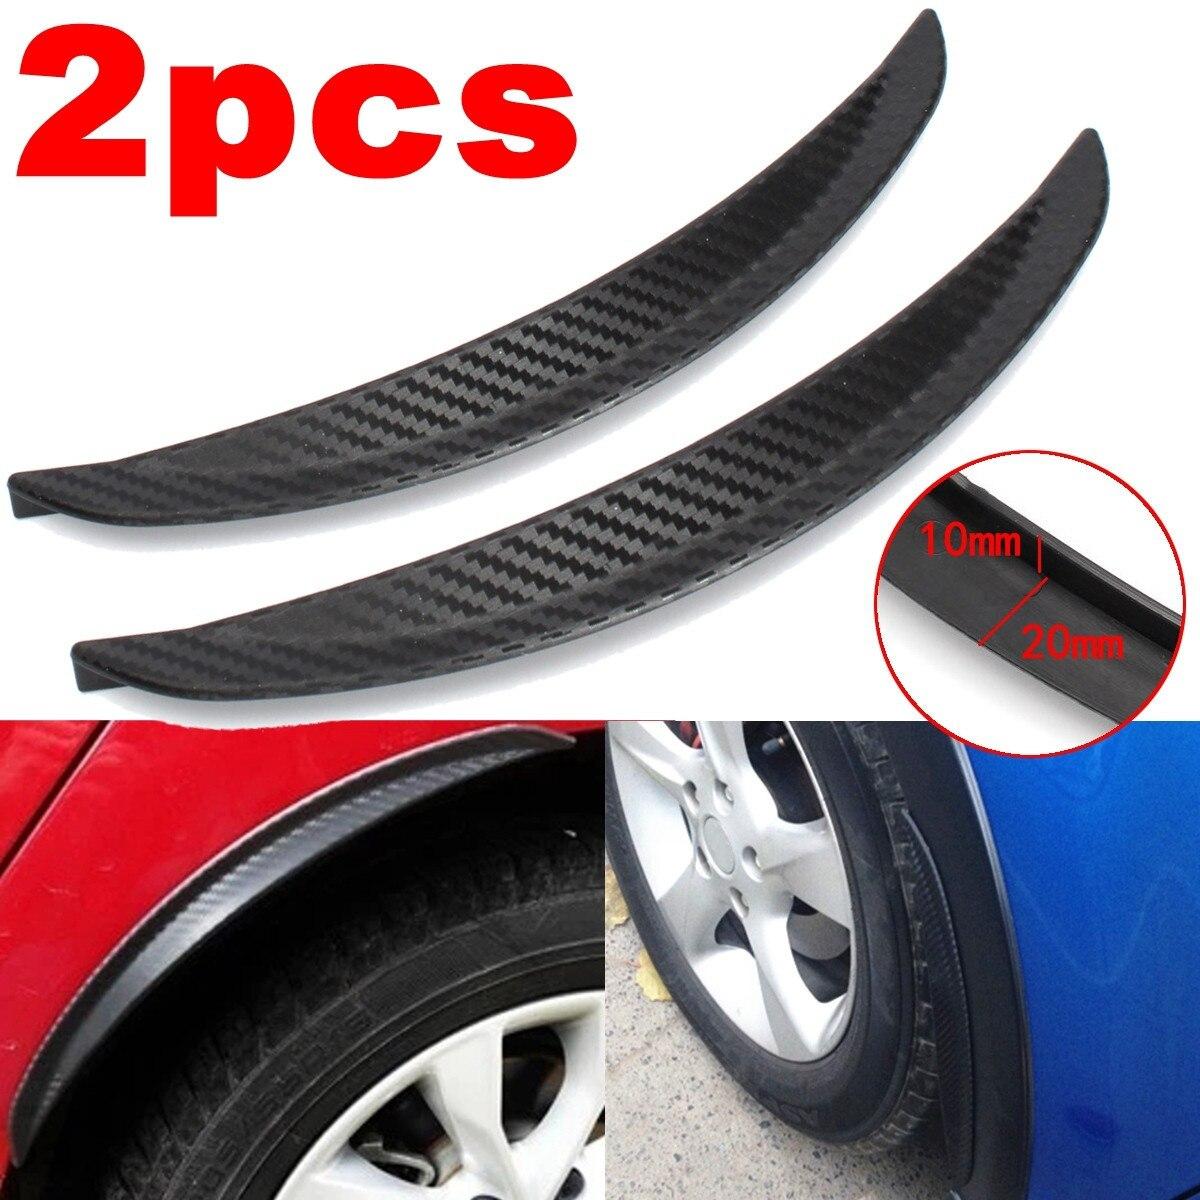 2 pçs 24.5cm universal carro de fibra carbono fender flares mud flaps respingo guardas arco roda sobrancelha lábio para carro caminhão suv